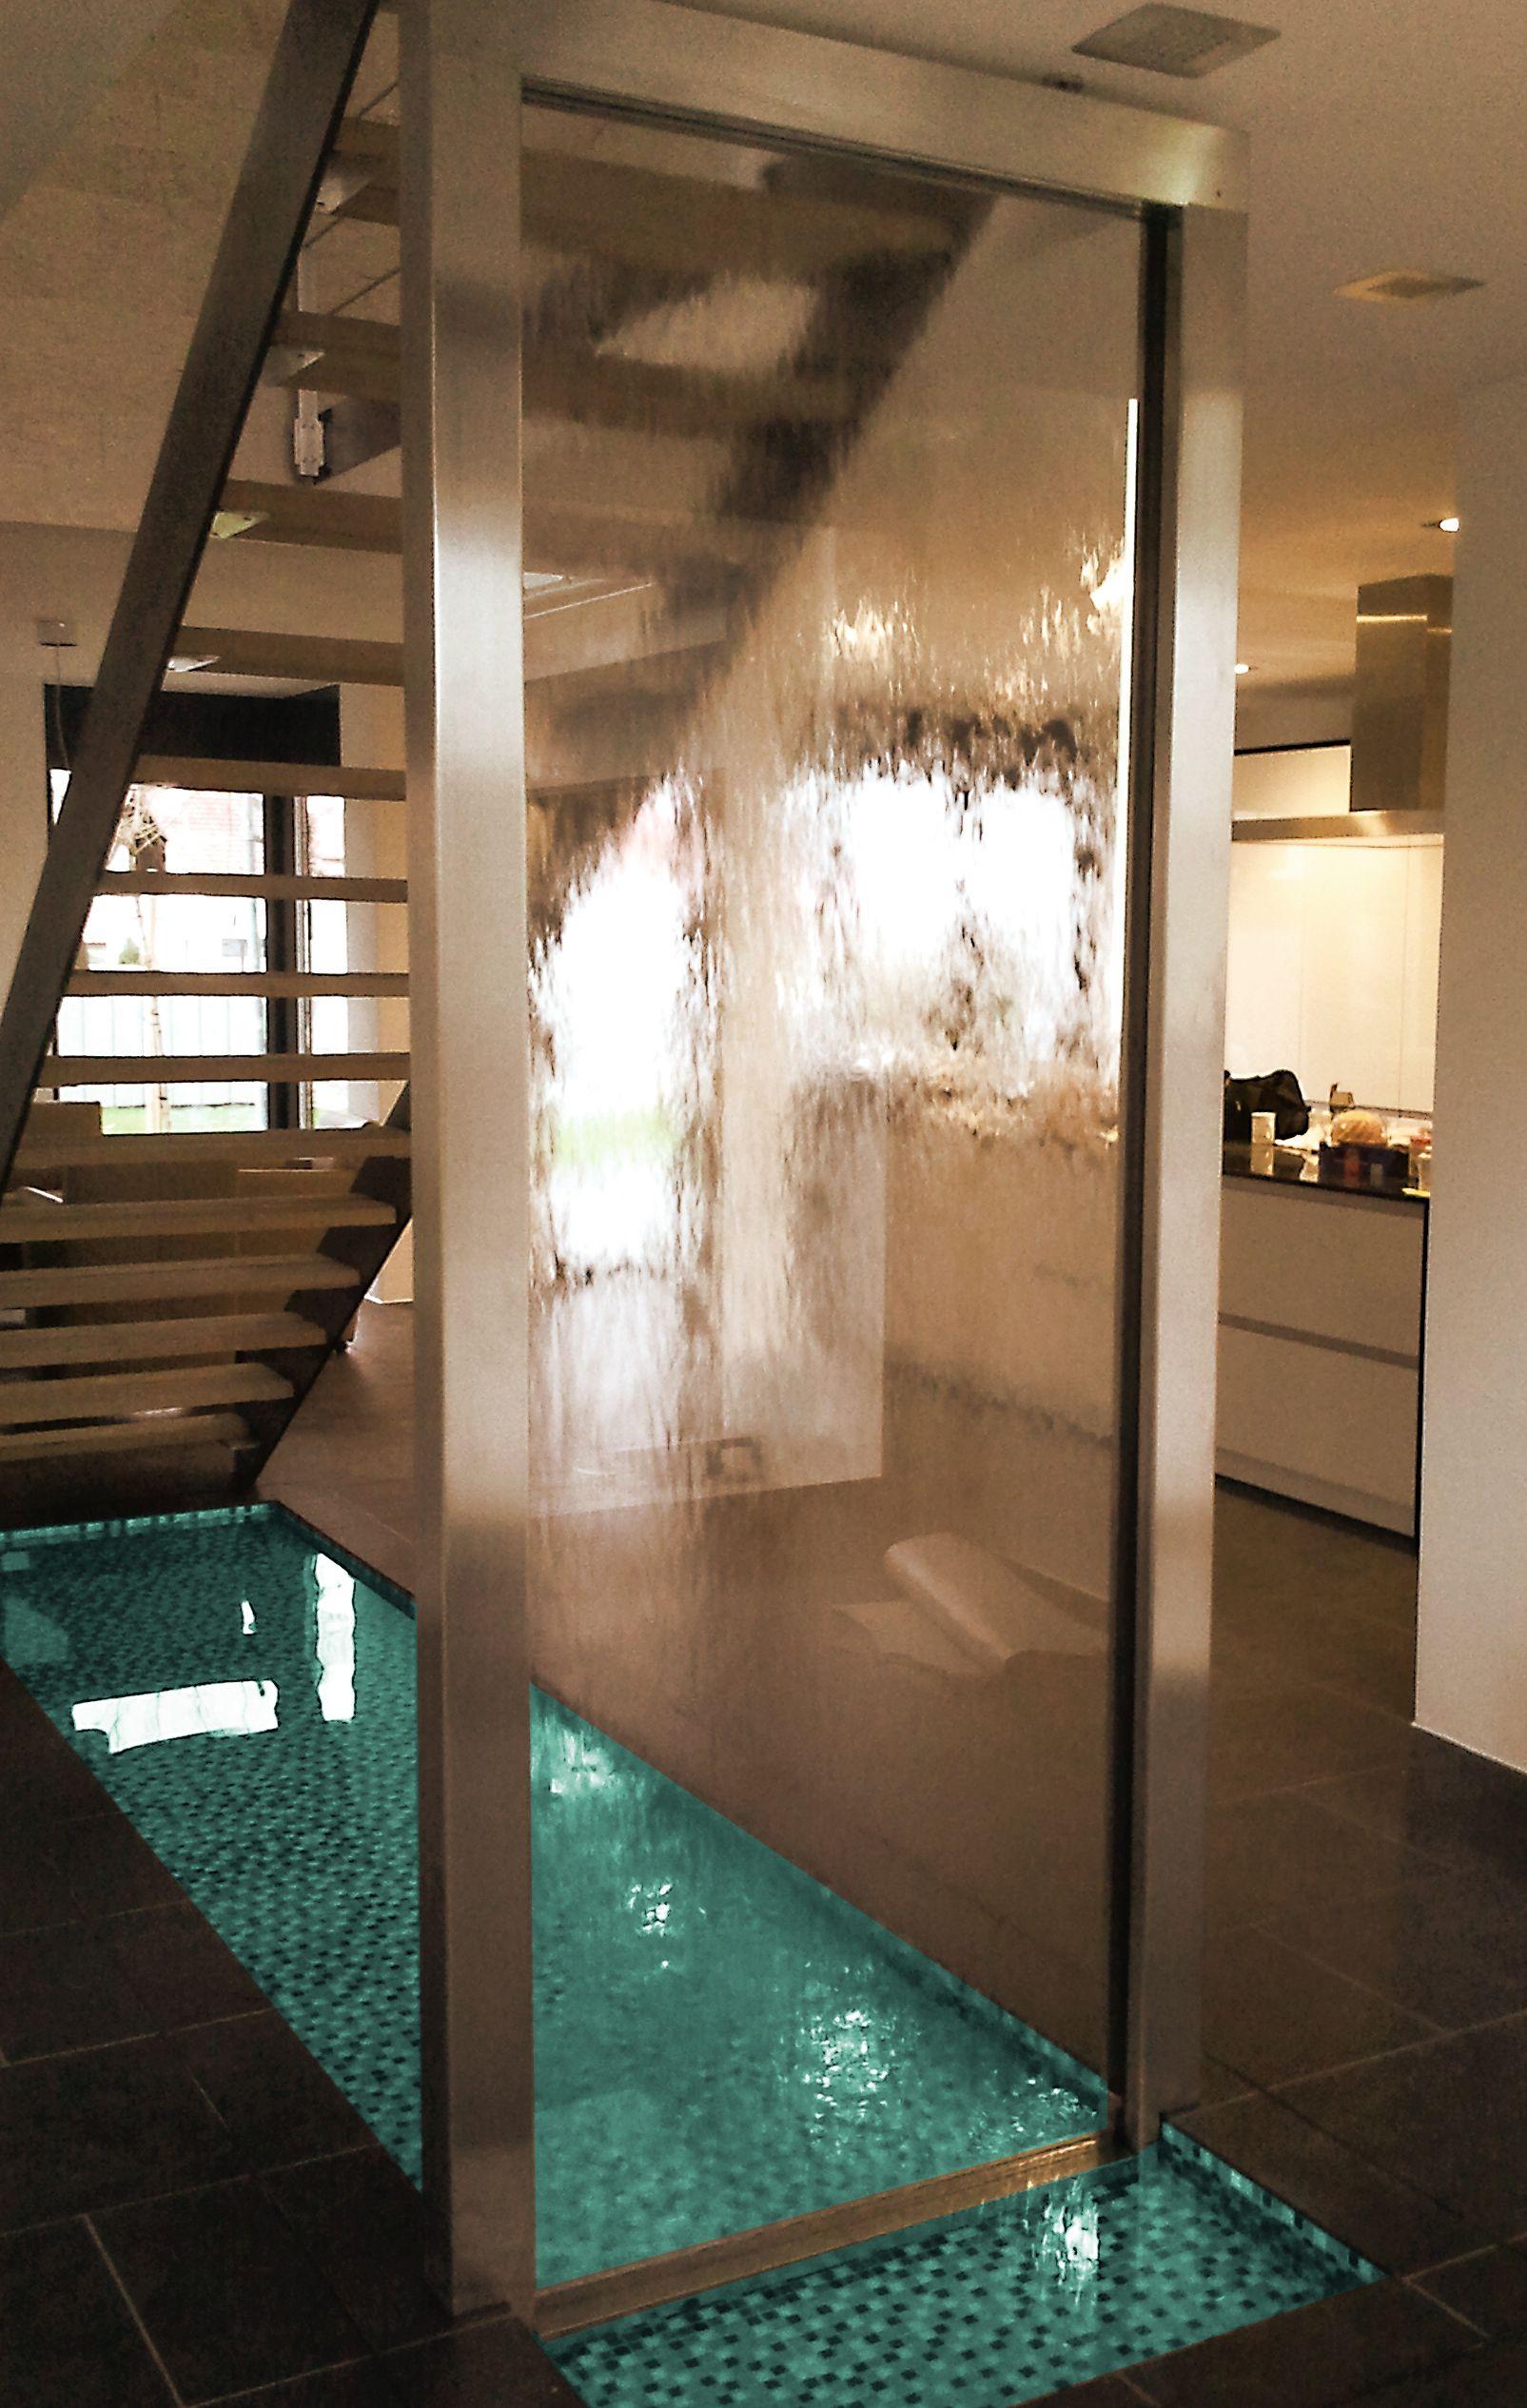 Wasserwand Wohnzimmer wasserwand im wohnraum häuser und architektur